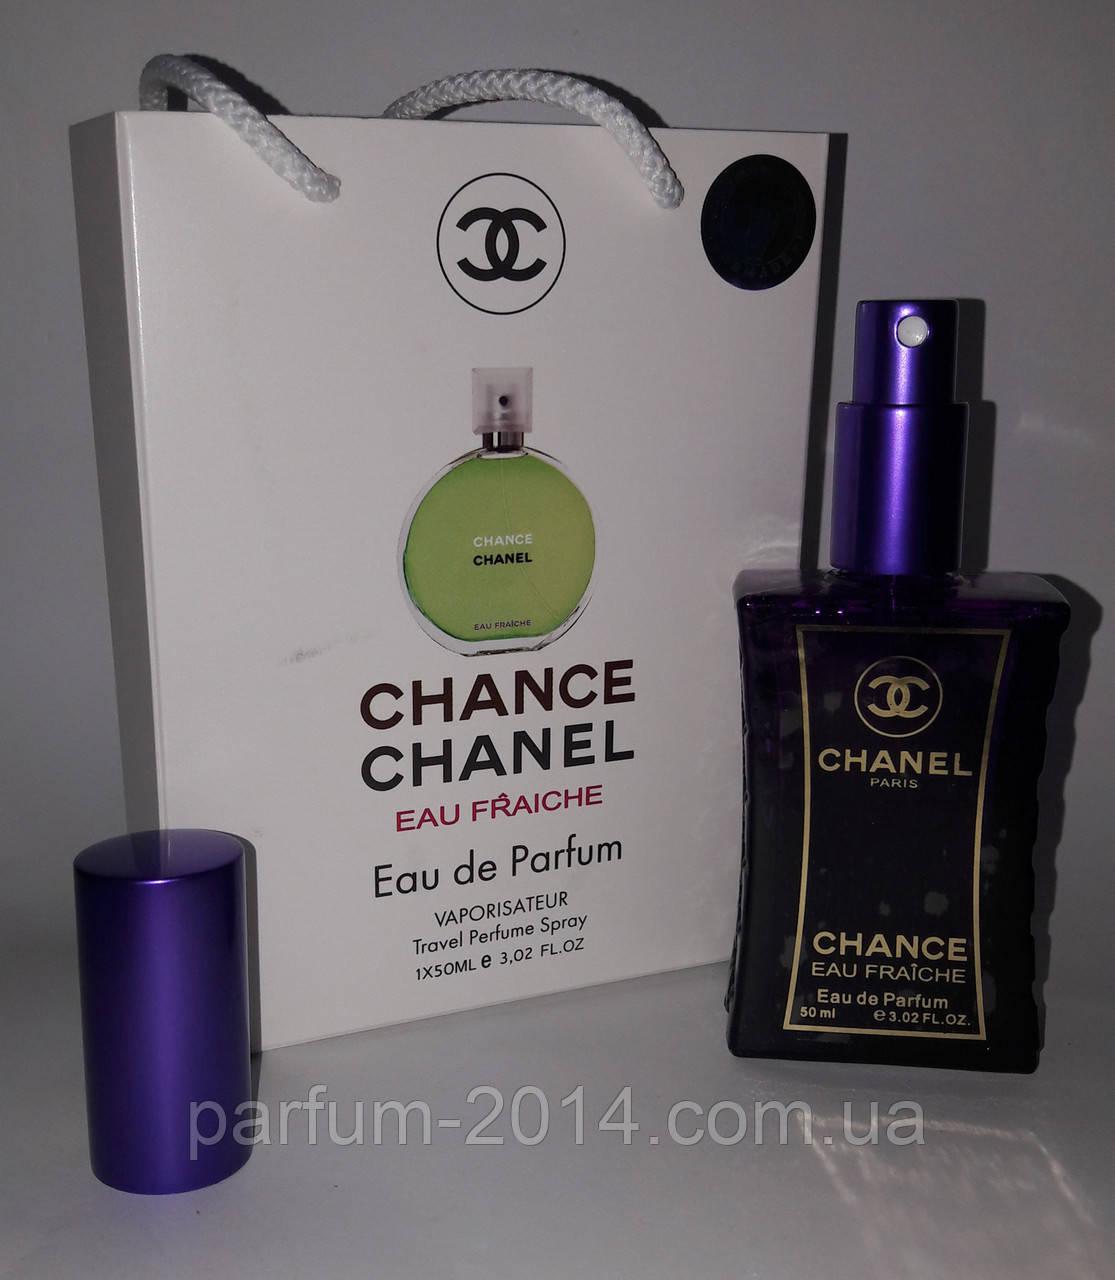 мини парфюм Chanel Chance Eau Fraiche в подарочной упаковке 50 Ml